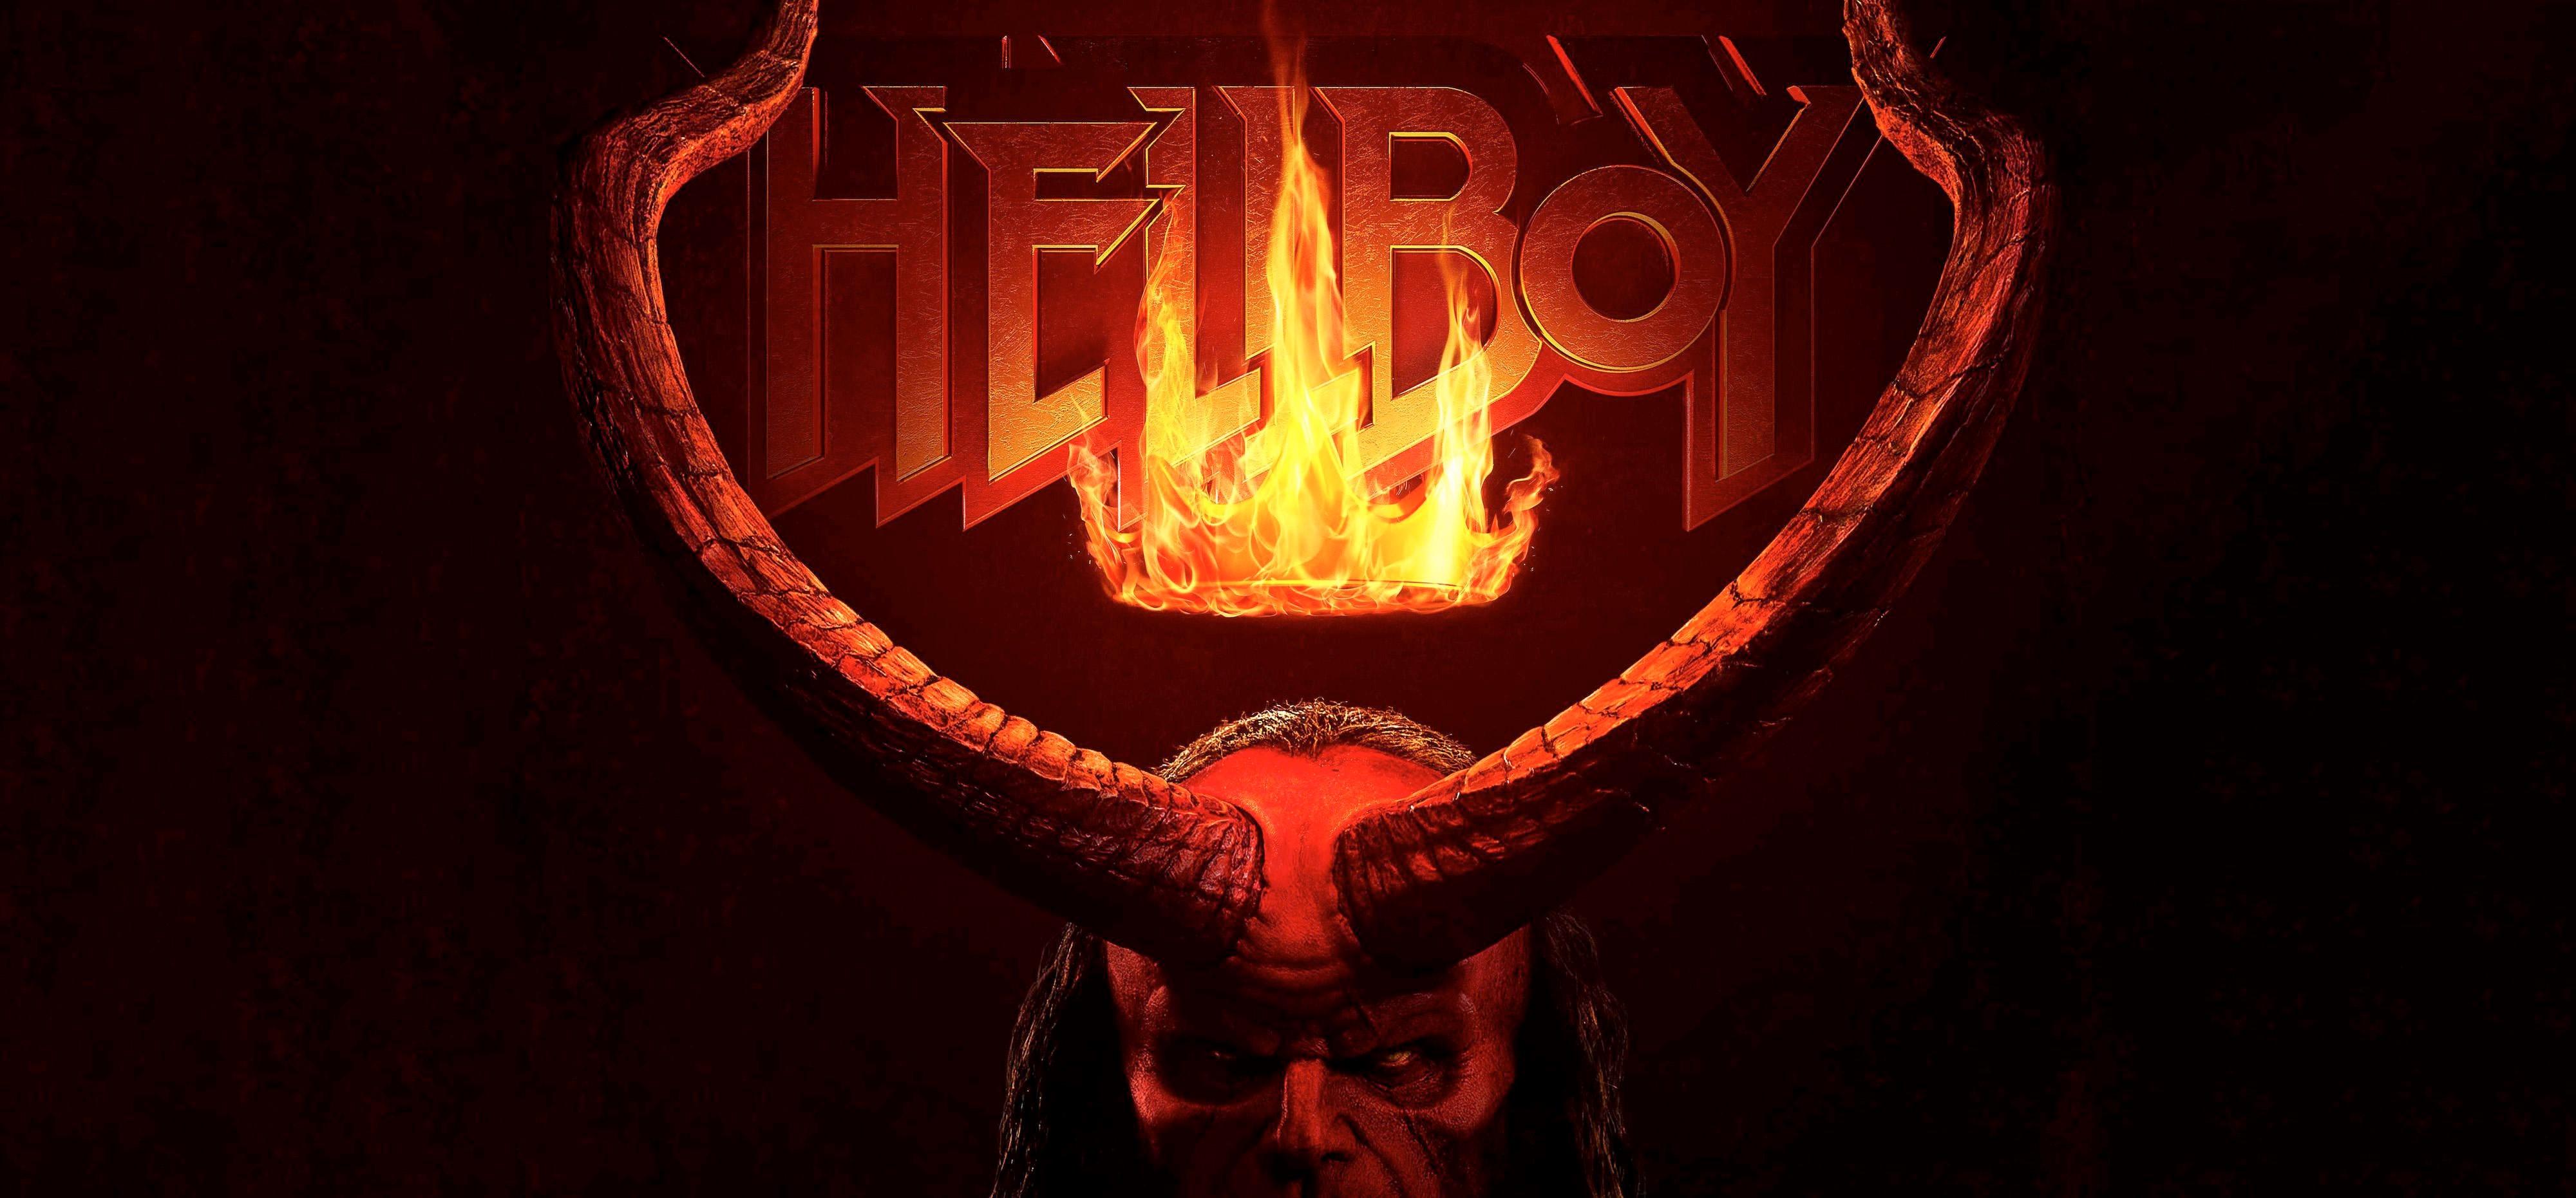 hellboy duvarkağıdı